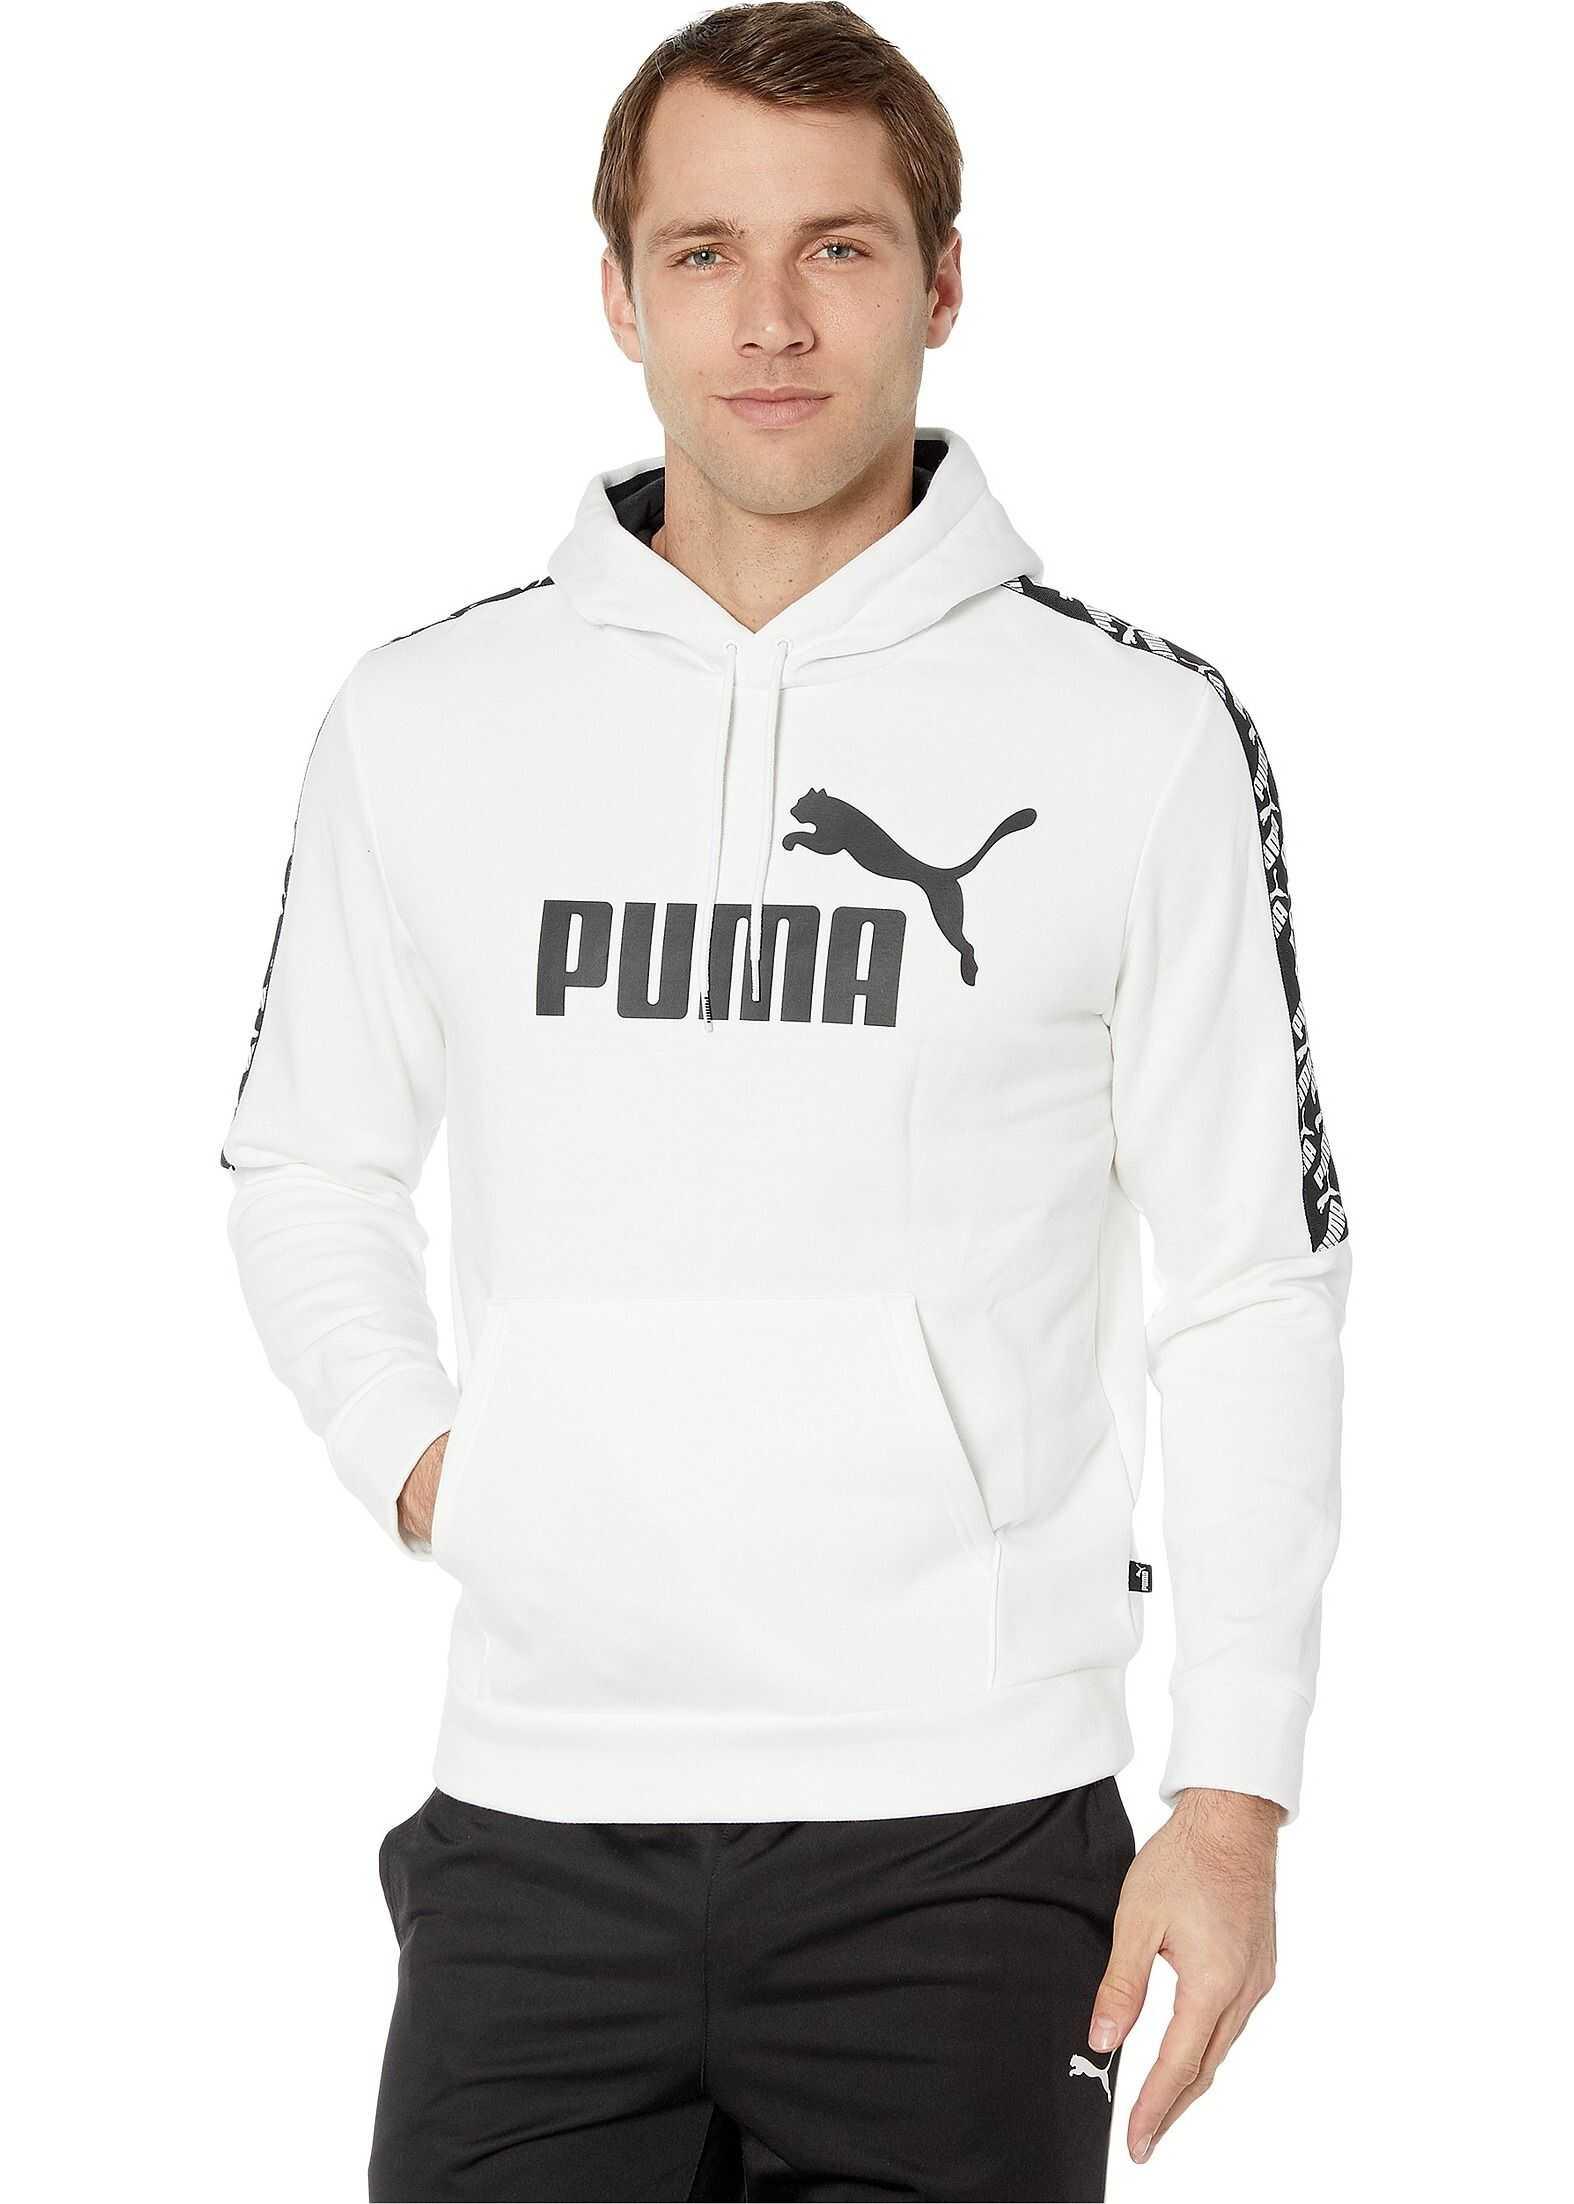 PUMA Amplified Fleece Hoodie PUMA White